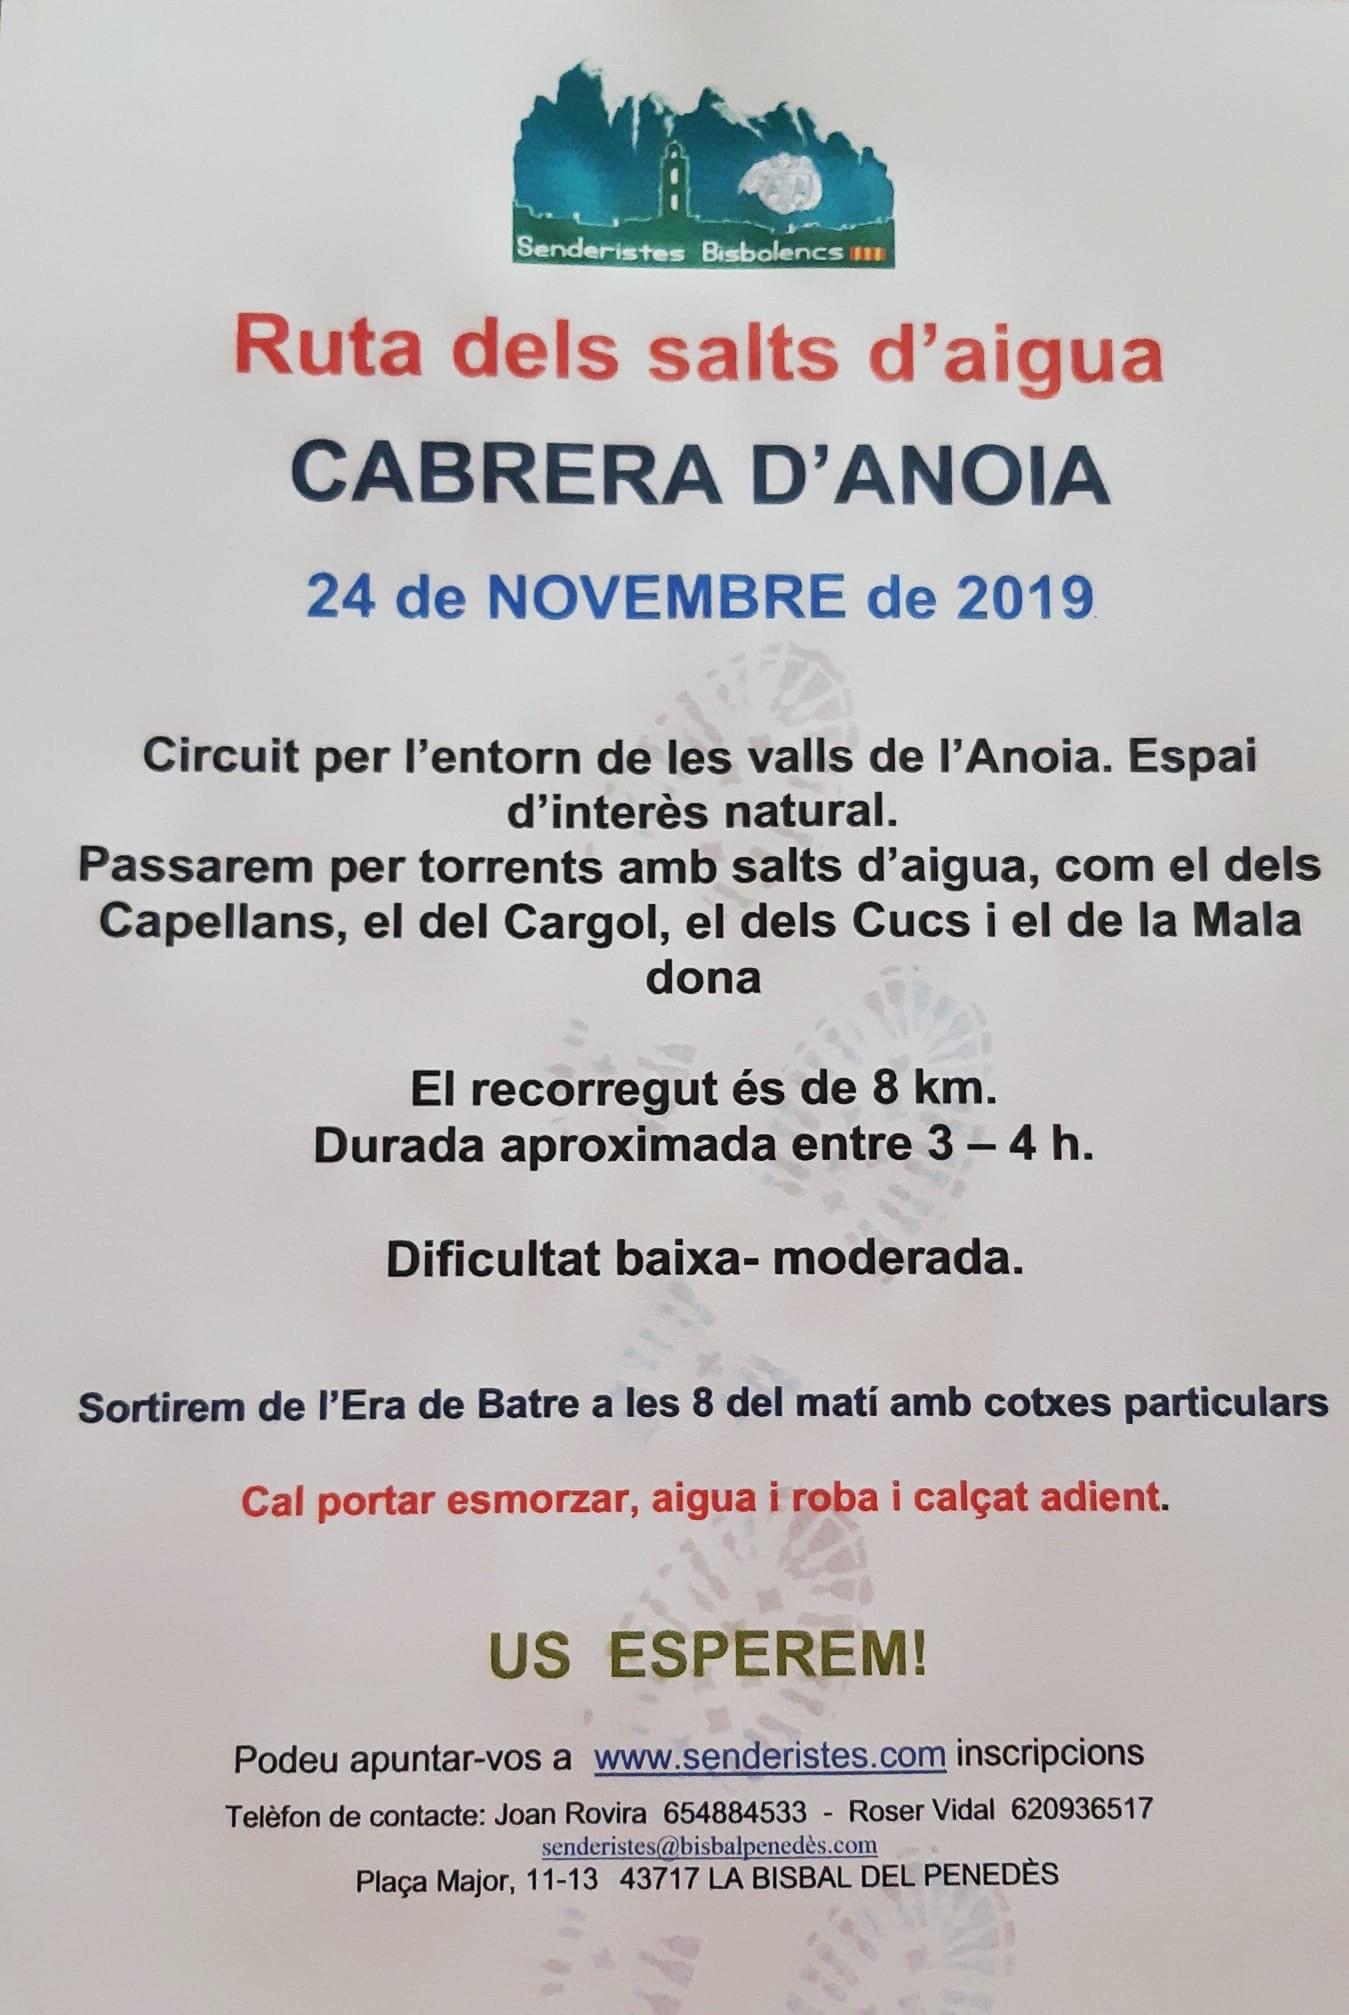 El proper diumenge 24 de novembre tindrà lloc una sortida a Cabrera d'Anoia organitzada per Senderistes Bisbalencs